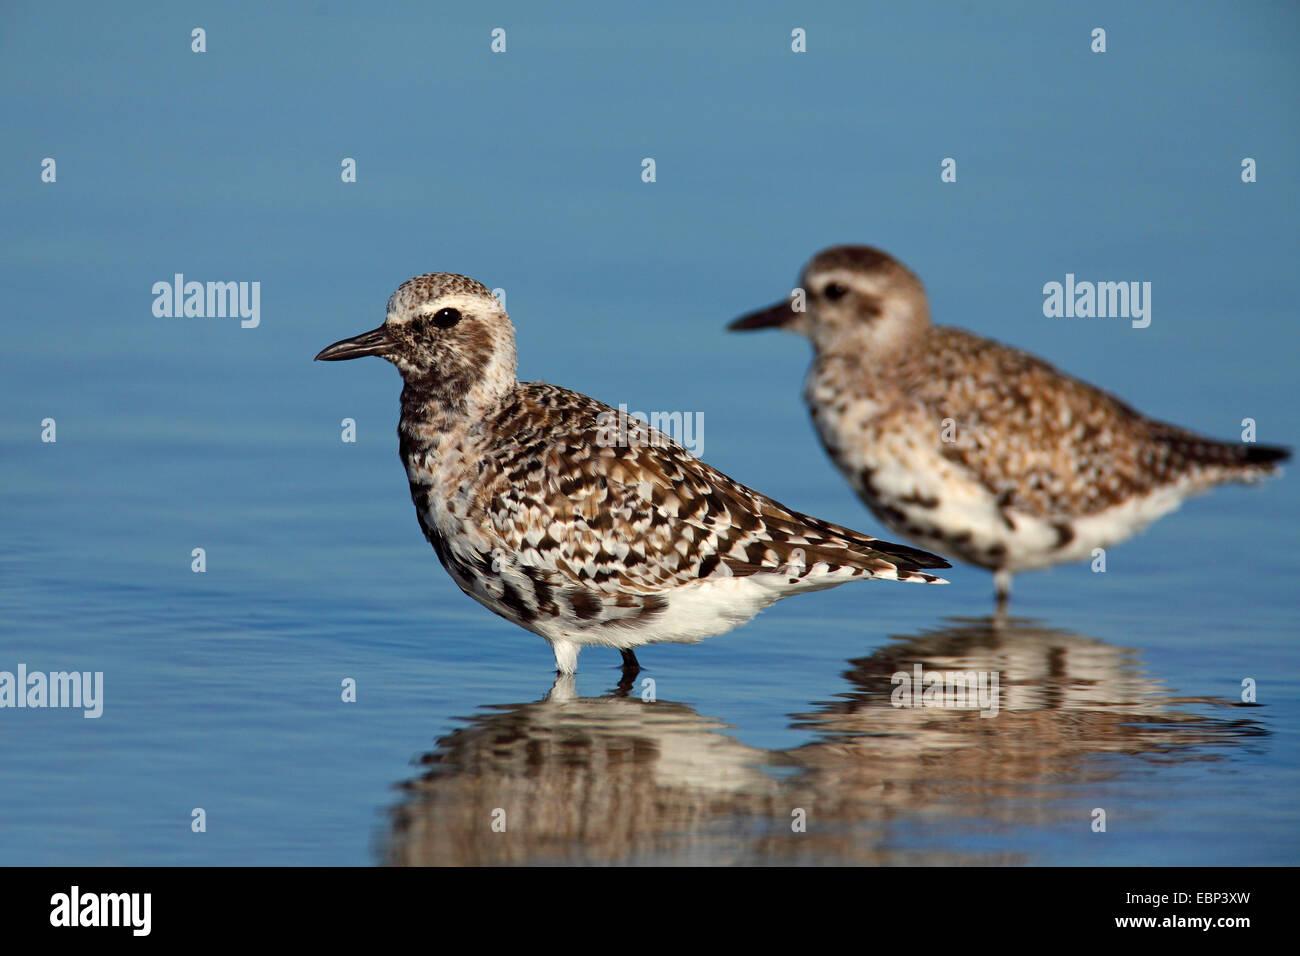 Grey plover (Pluvialis squatarola), des oiseaux en plumage d'hiver et en transition à plumage nuptial, Photo Stock